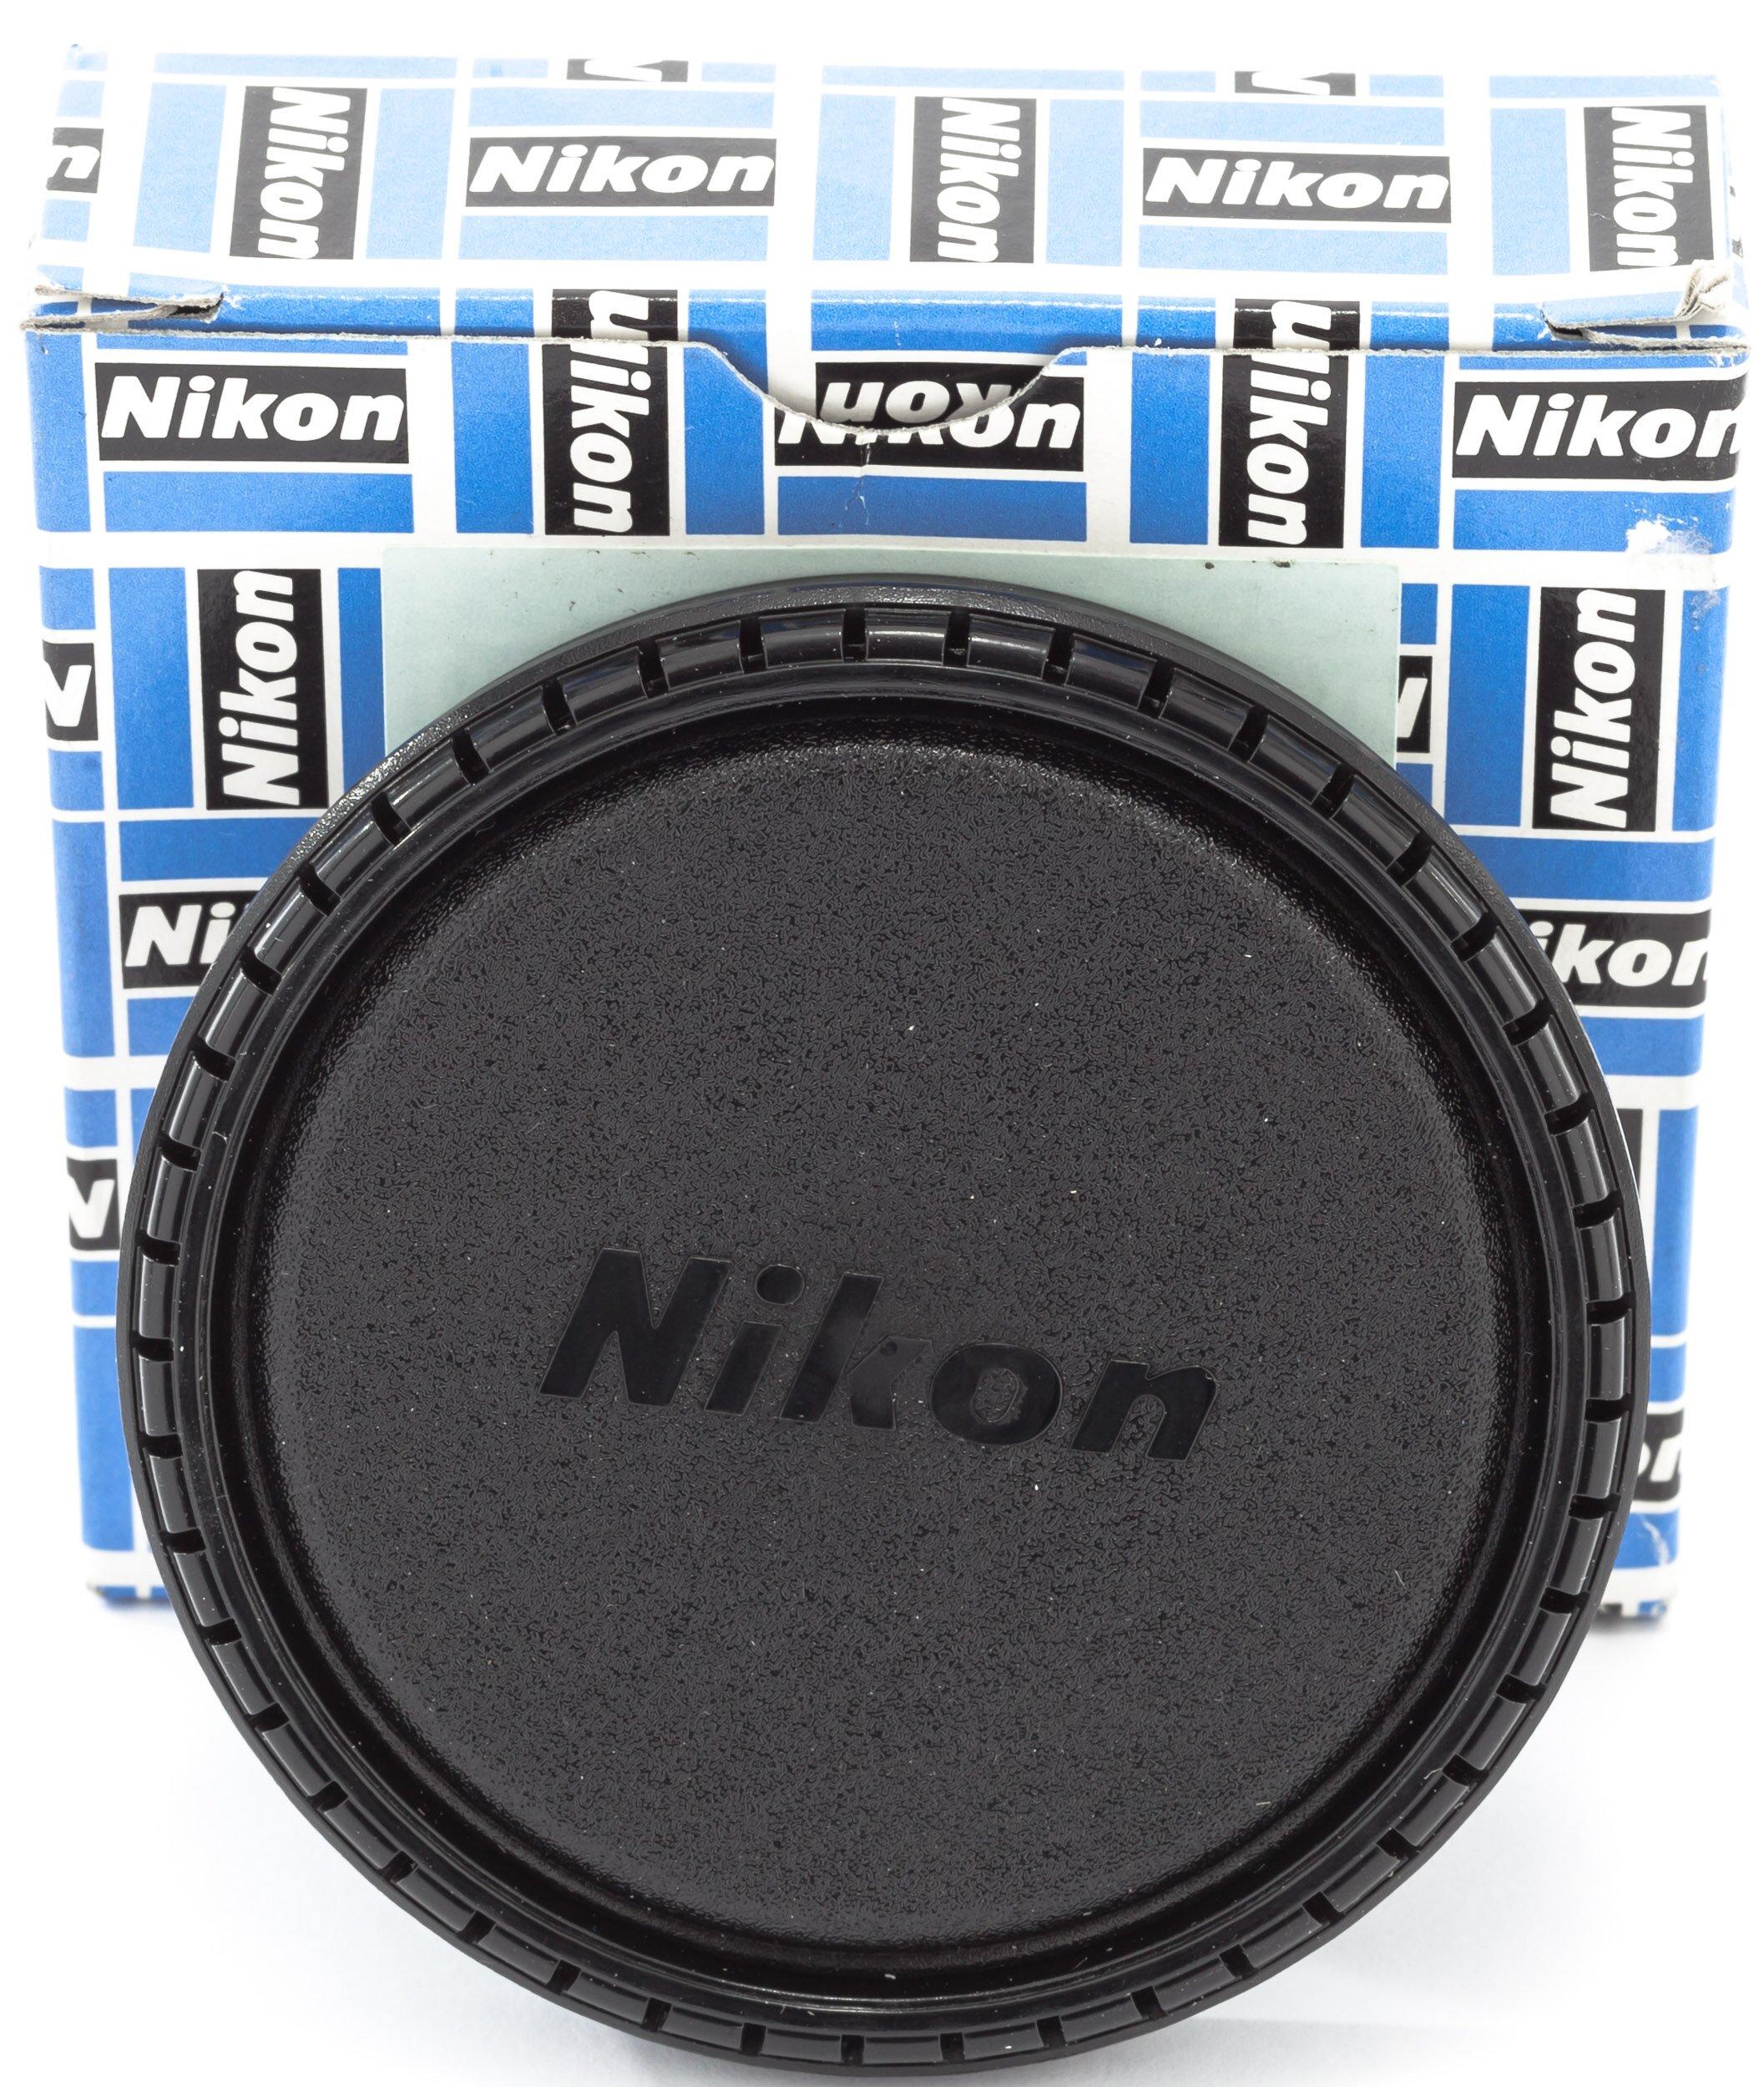 Nikon 70mm slip-on-lenscap